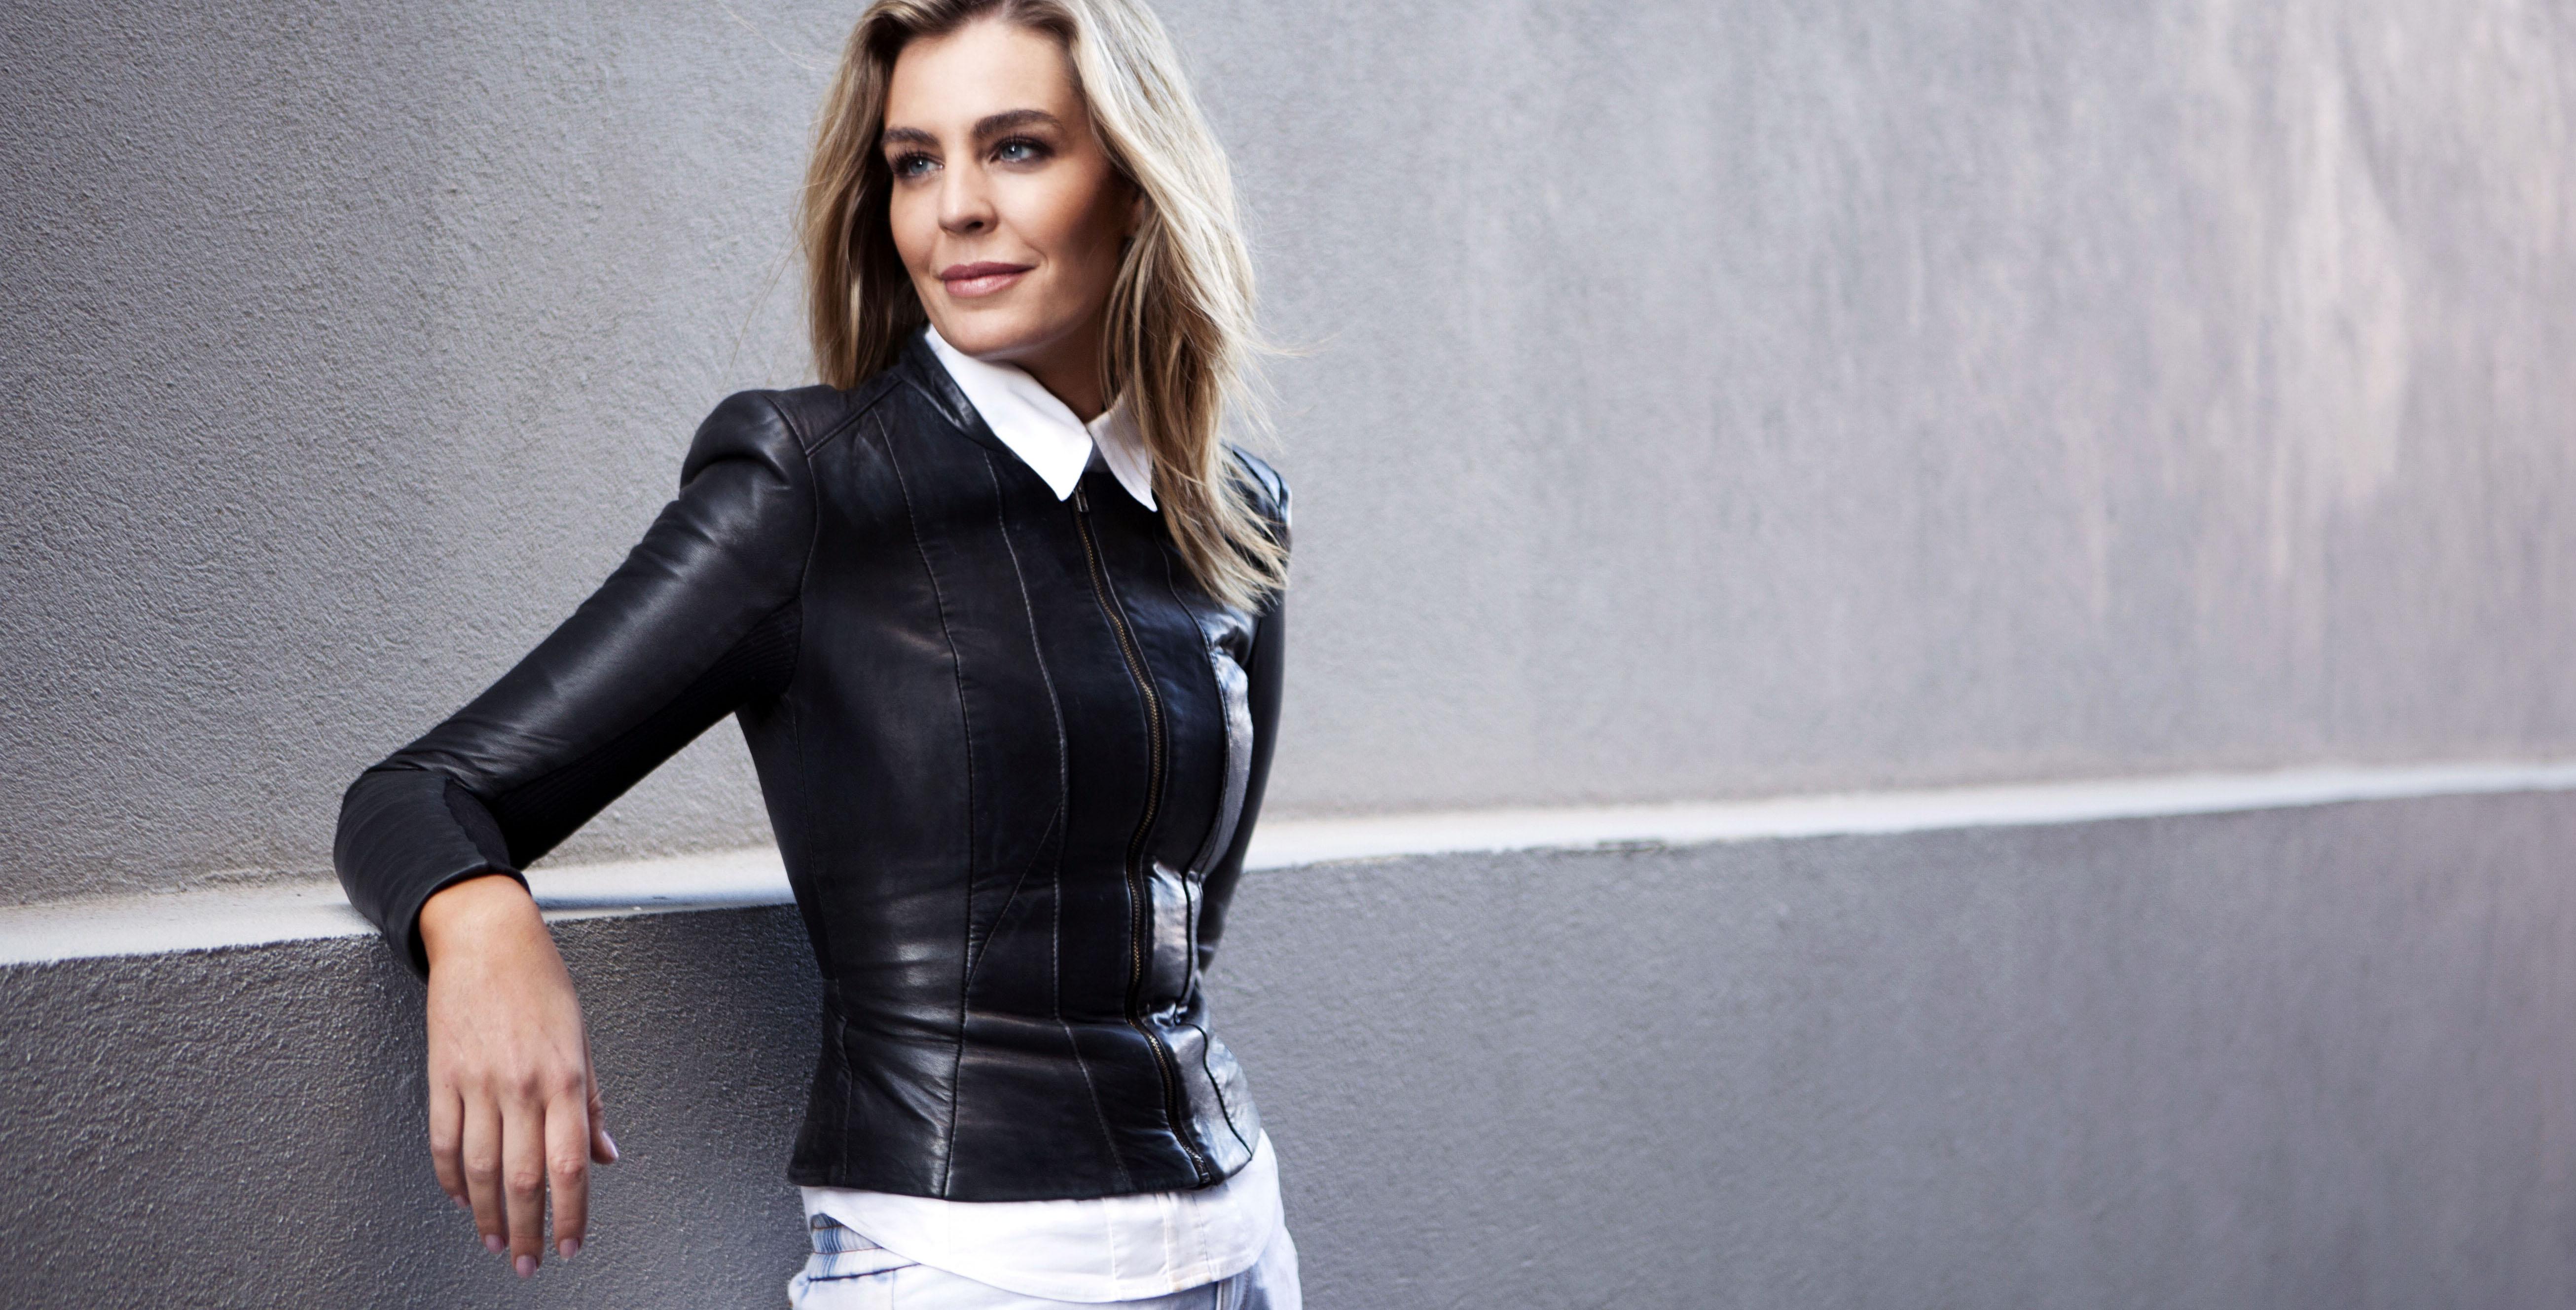 Dr Kate Adams Bondi Vet Entrepreneur Australia